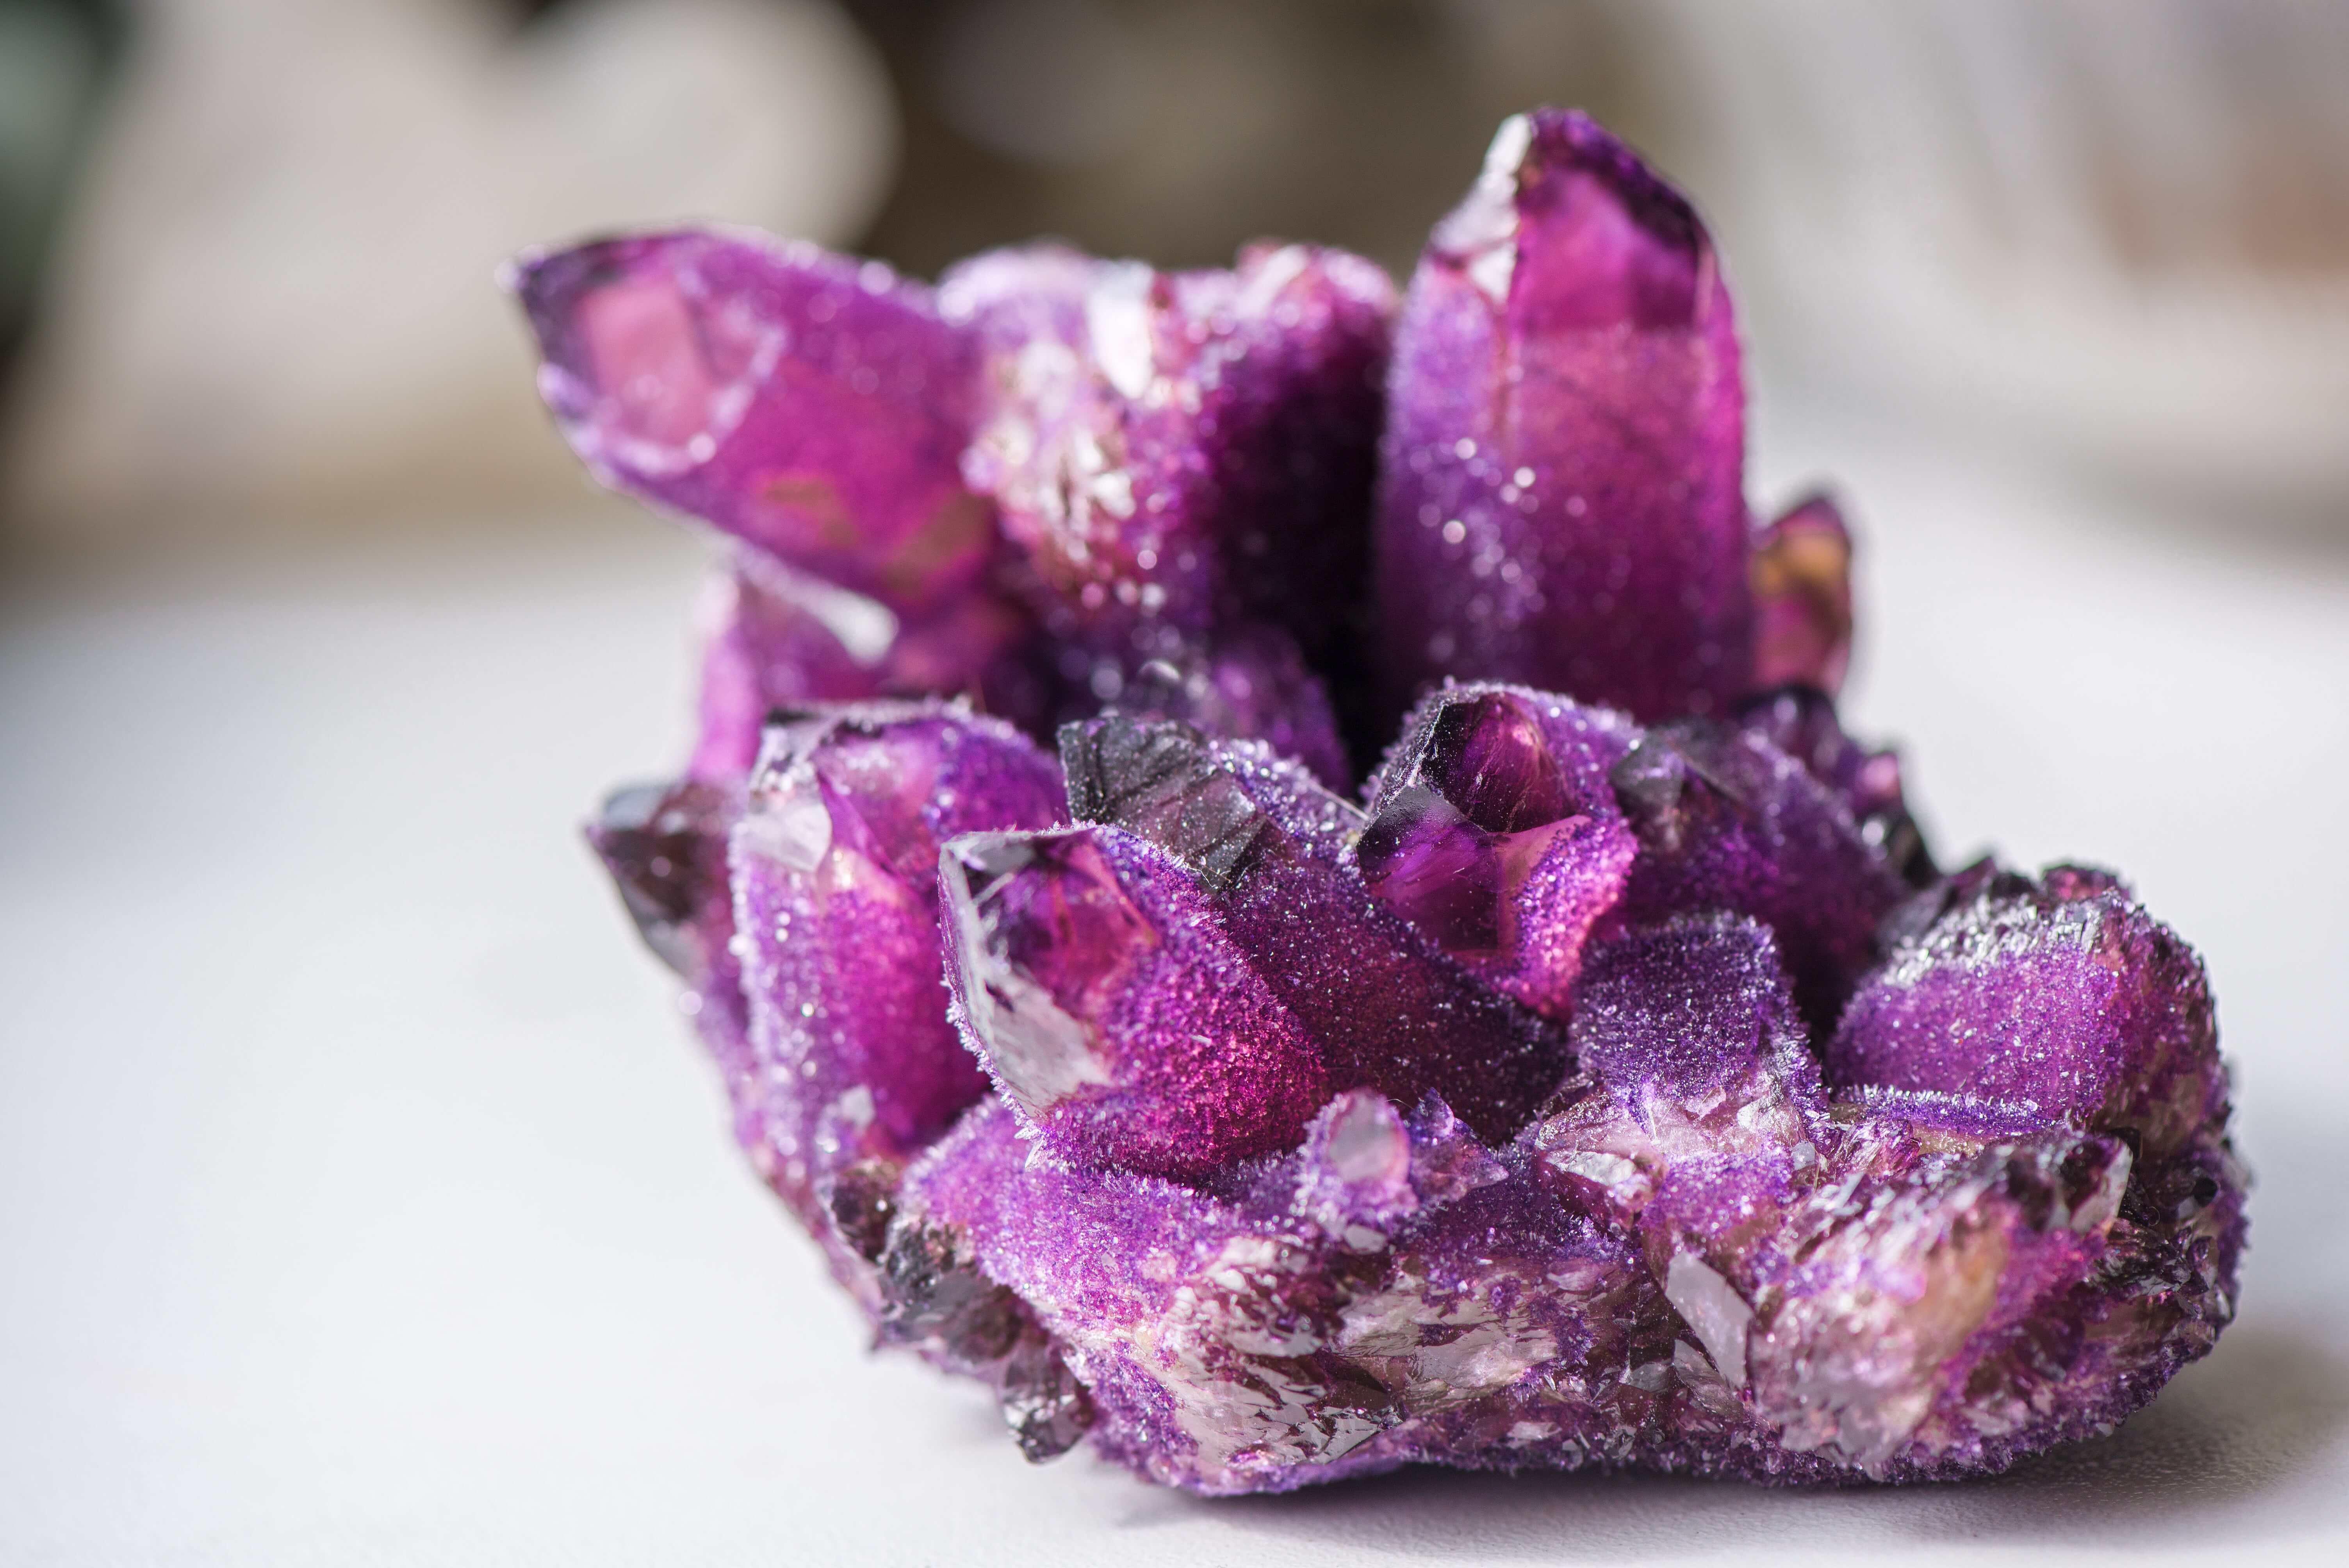 Pedras do amor: 5 cristais que você precisa conhecer